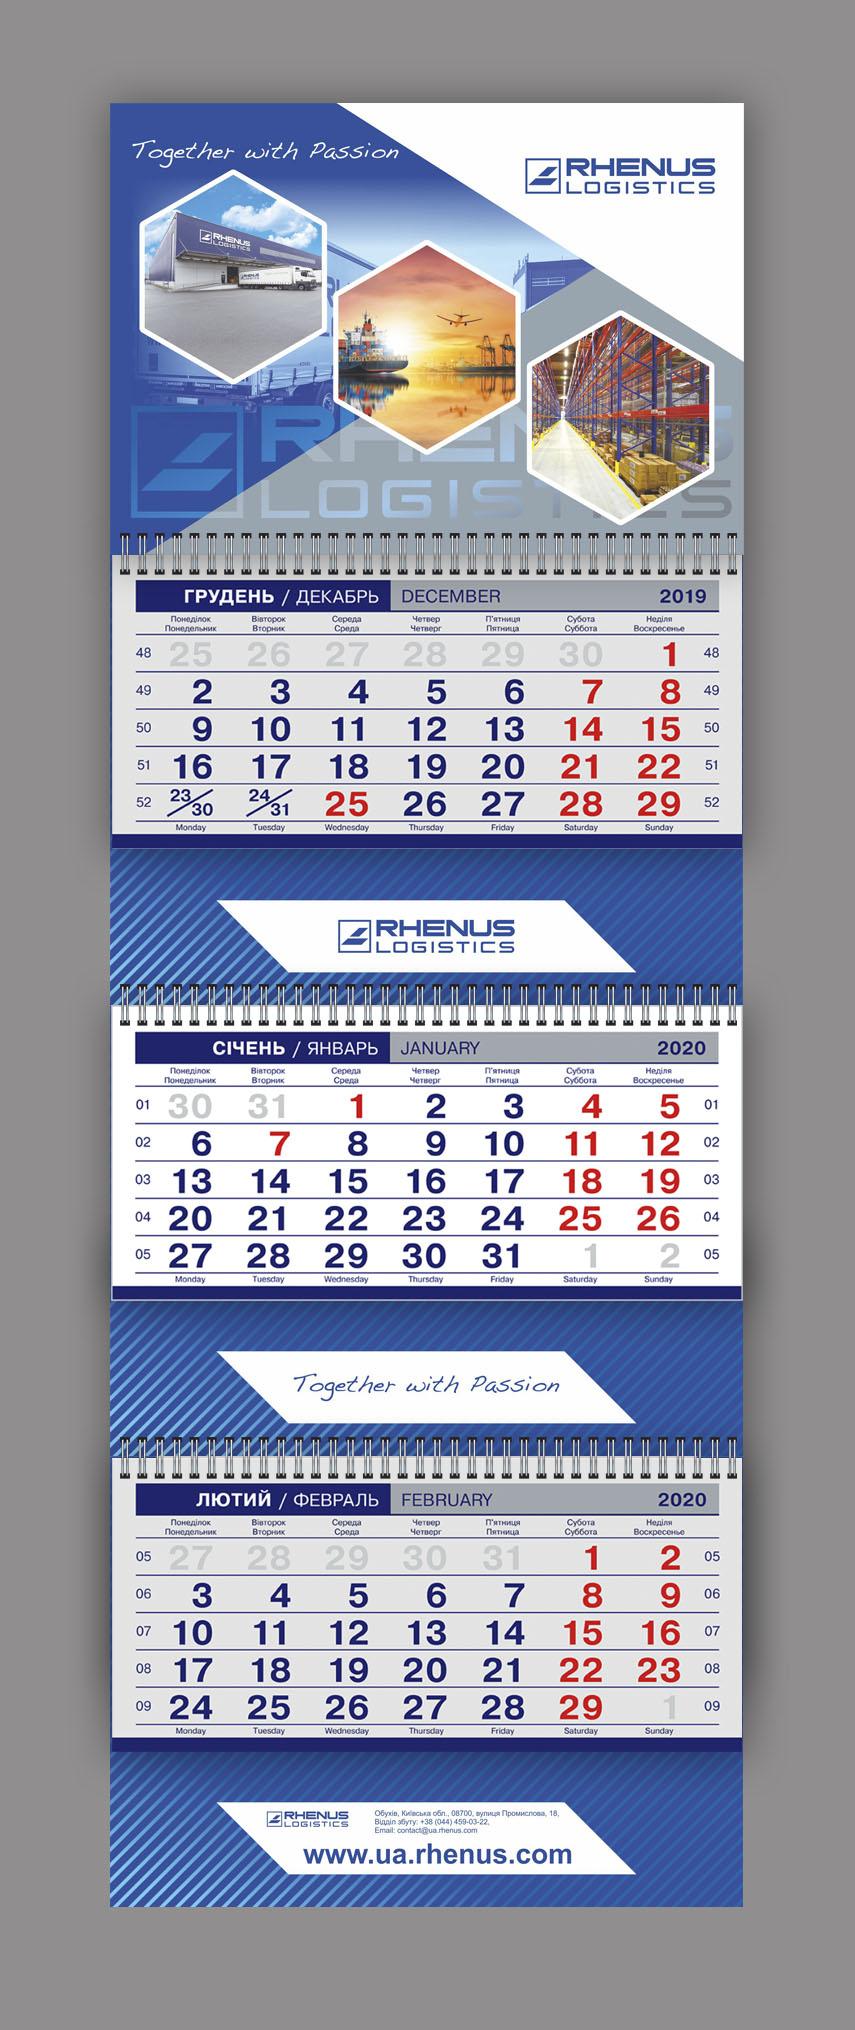 Дизайн квартального календаря логистической компании Rhenus 2020 Вариант №1 http://www.makety.top